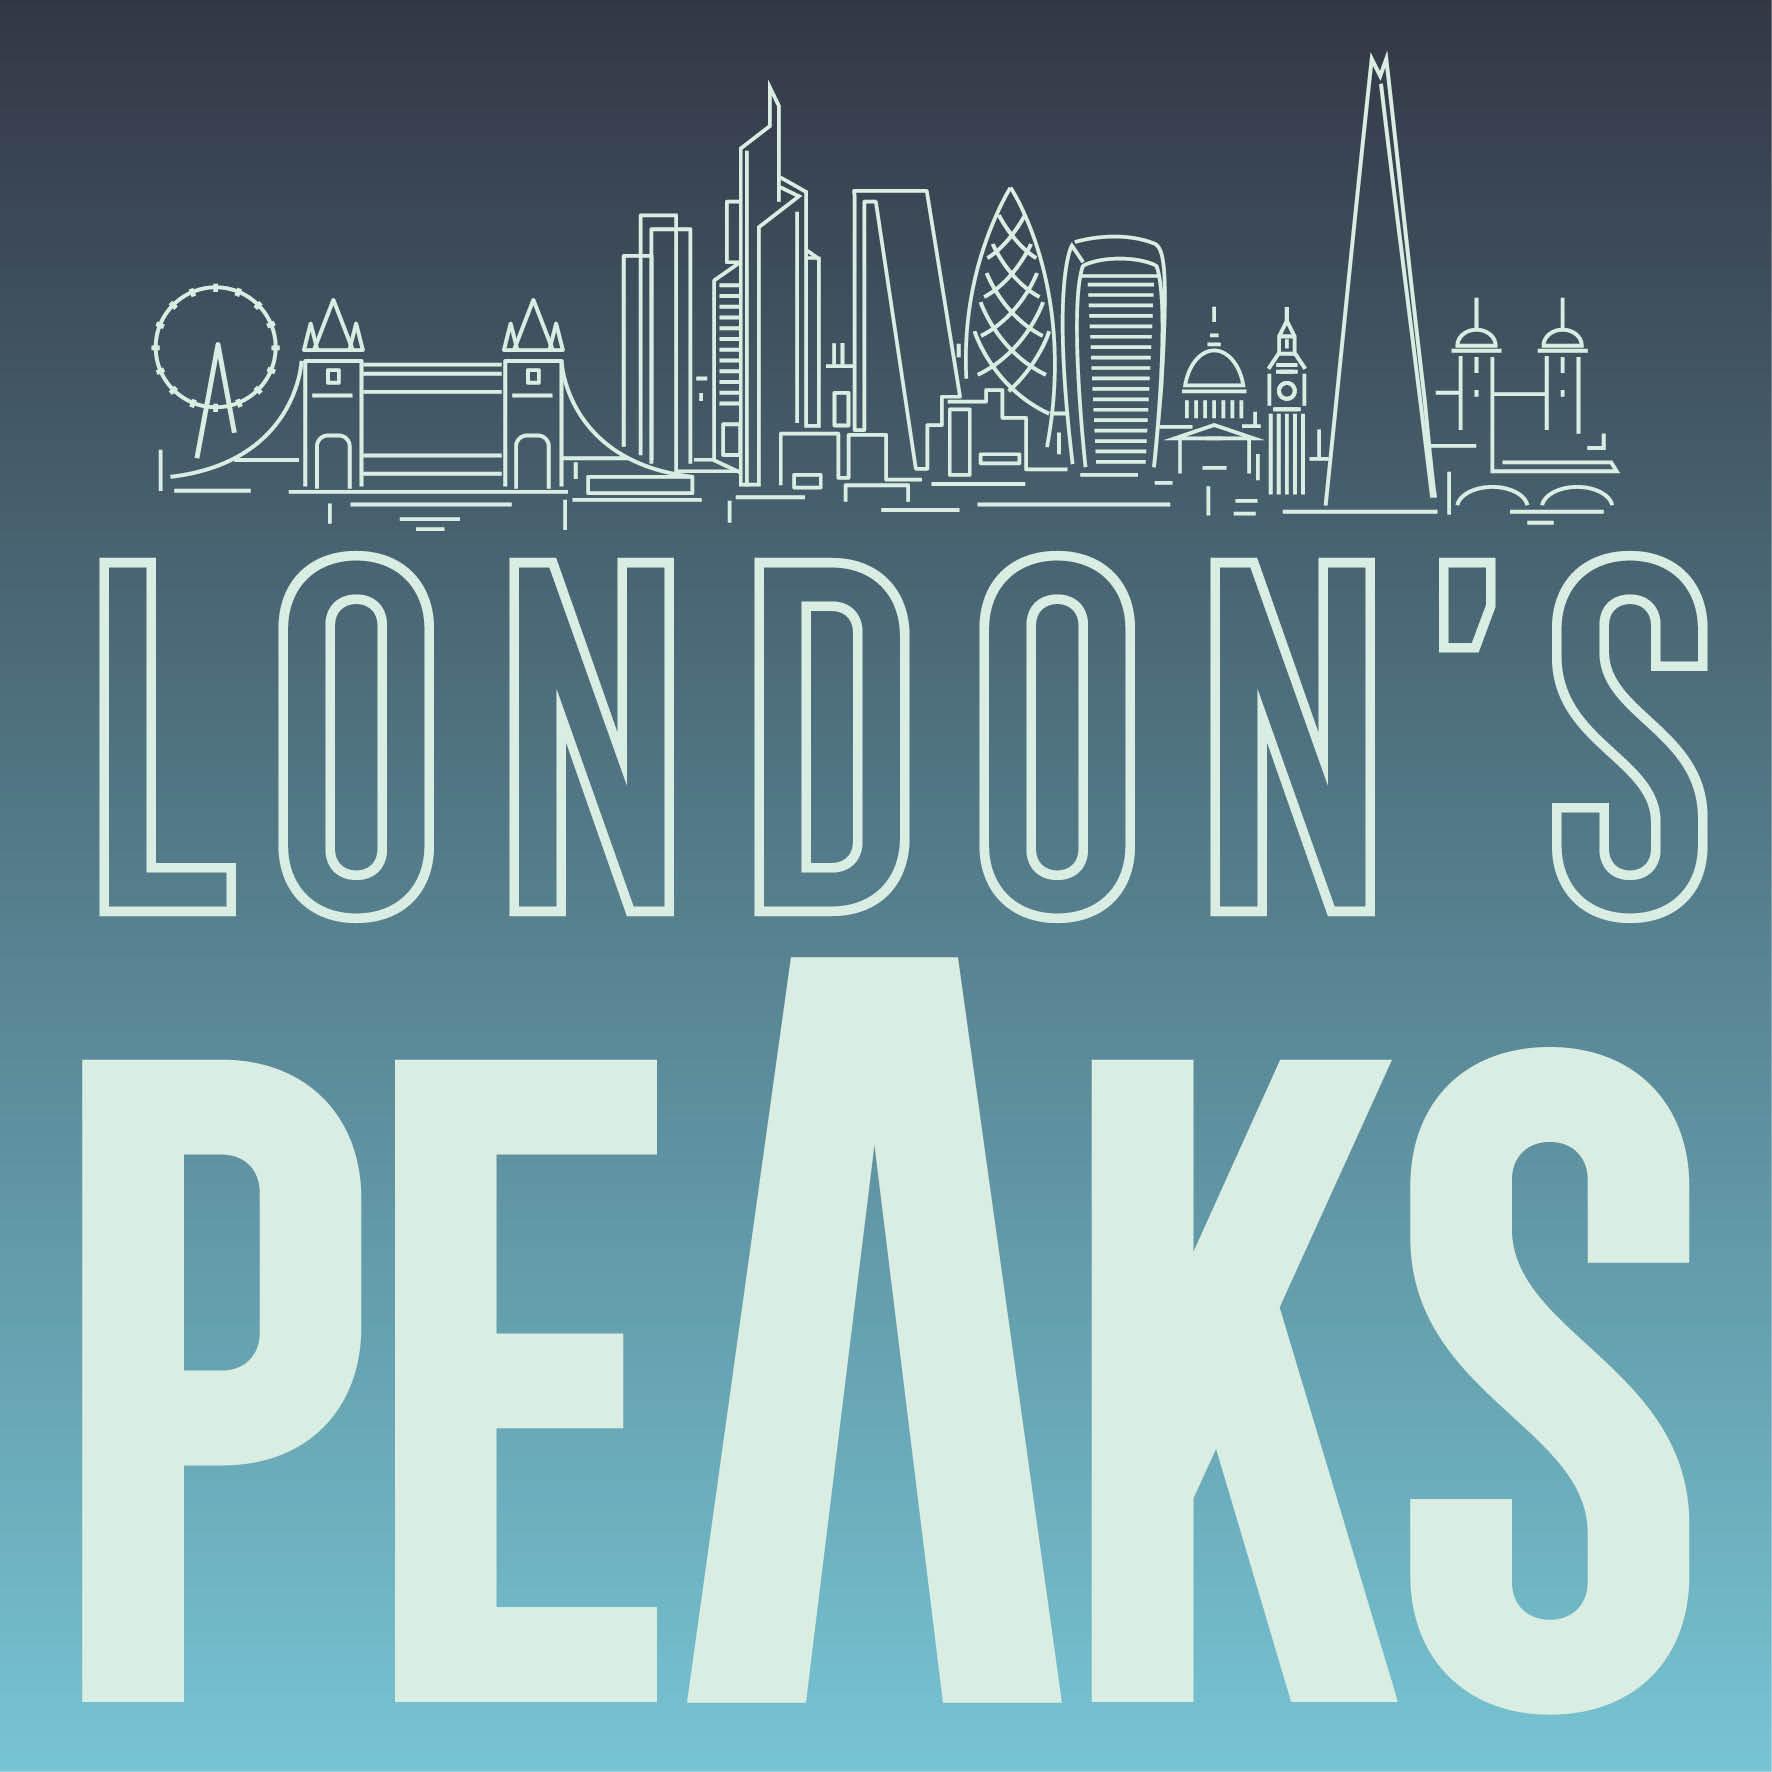 London's Peaks.jpg